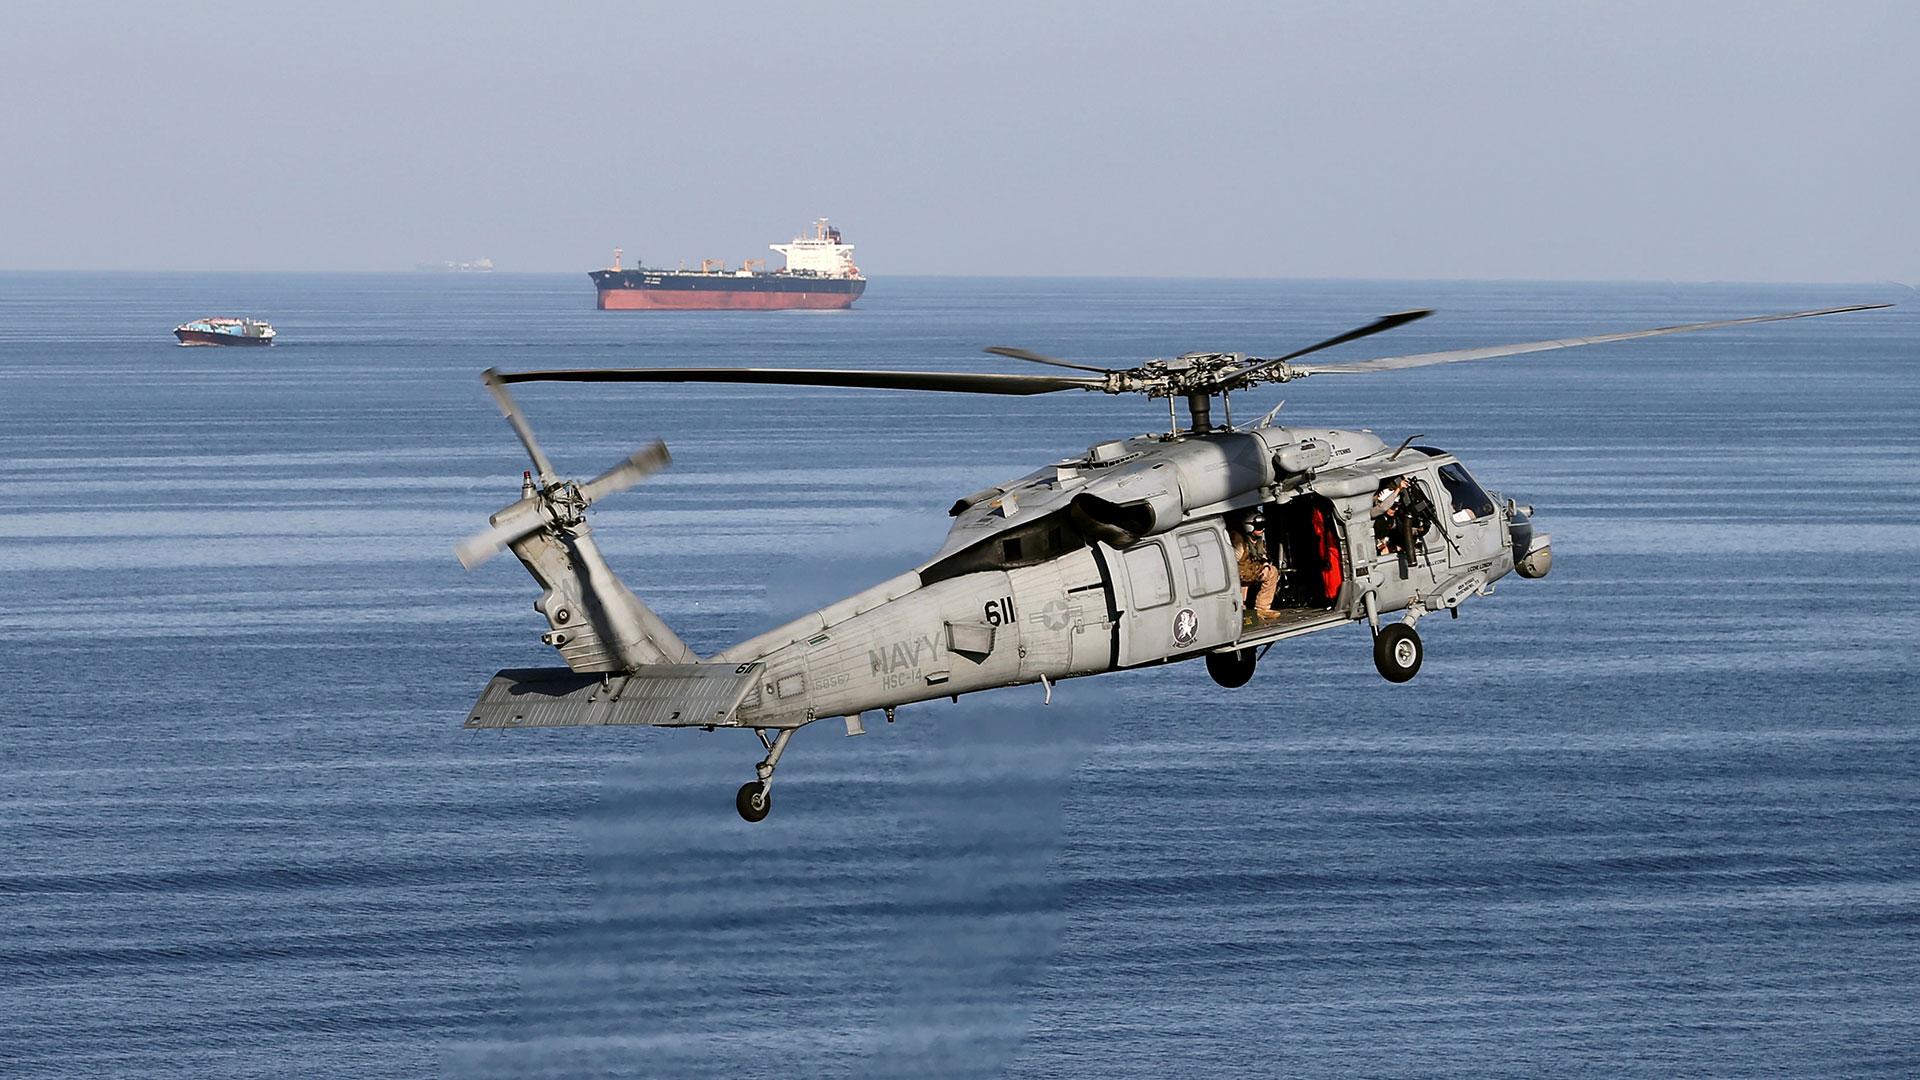 Un helicóptero MH-60S sobrevuela el estrecho de Ormuz mientras el USS John C. Stennis se dirige al Golfo Pérsico el 21 de diciembre de 2018 (REUTERS/Hamad I Mohammed/File Photo)